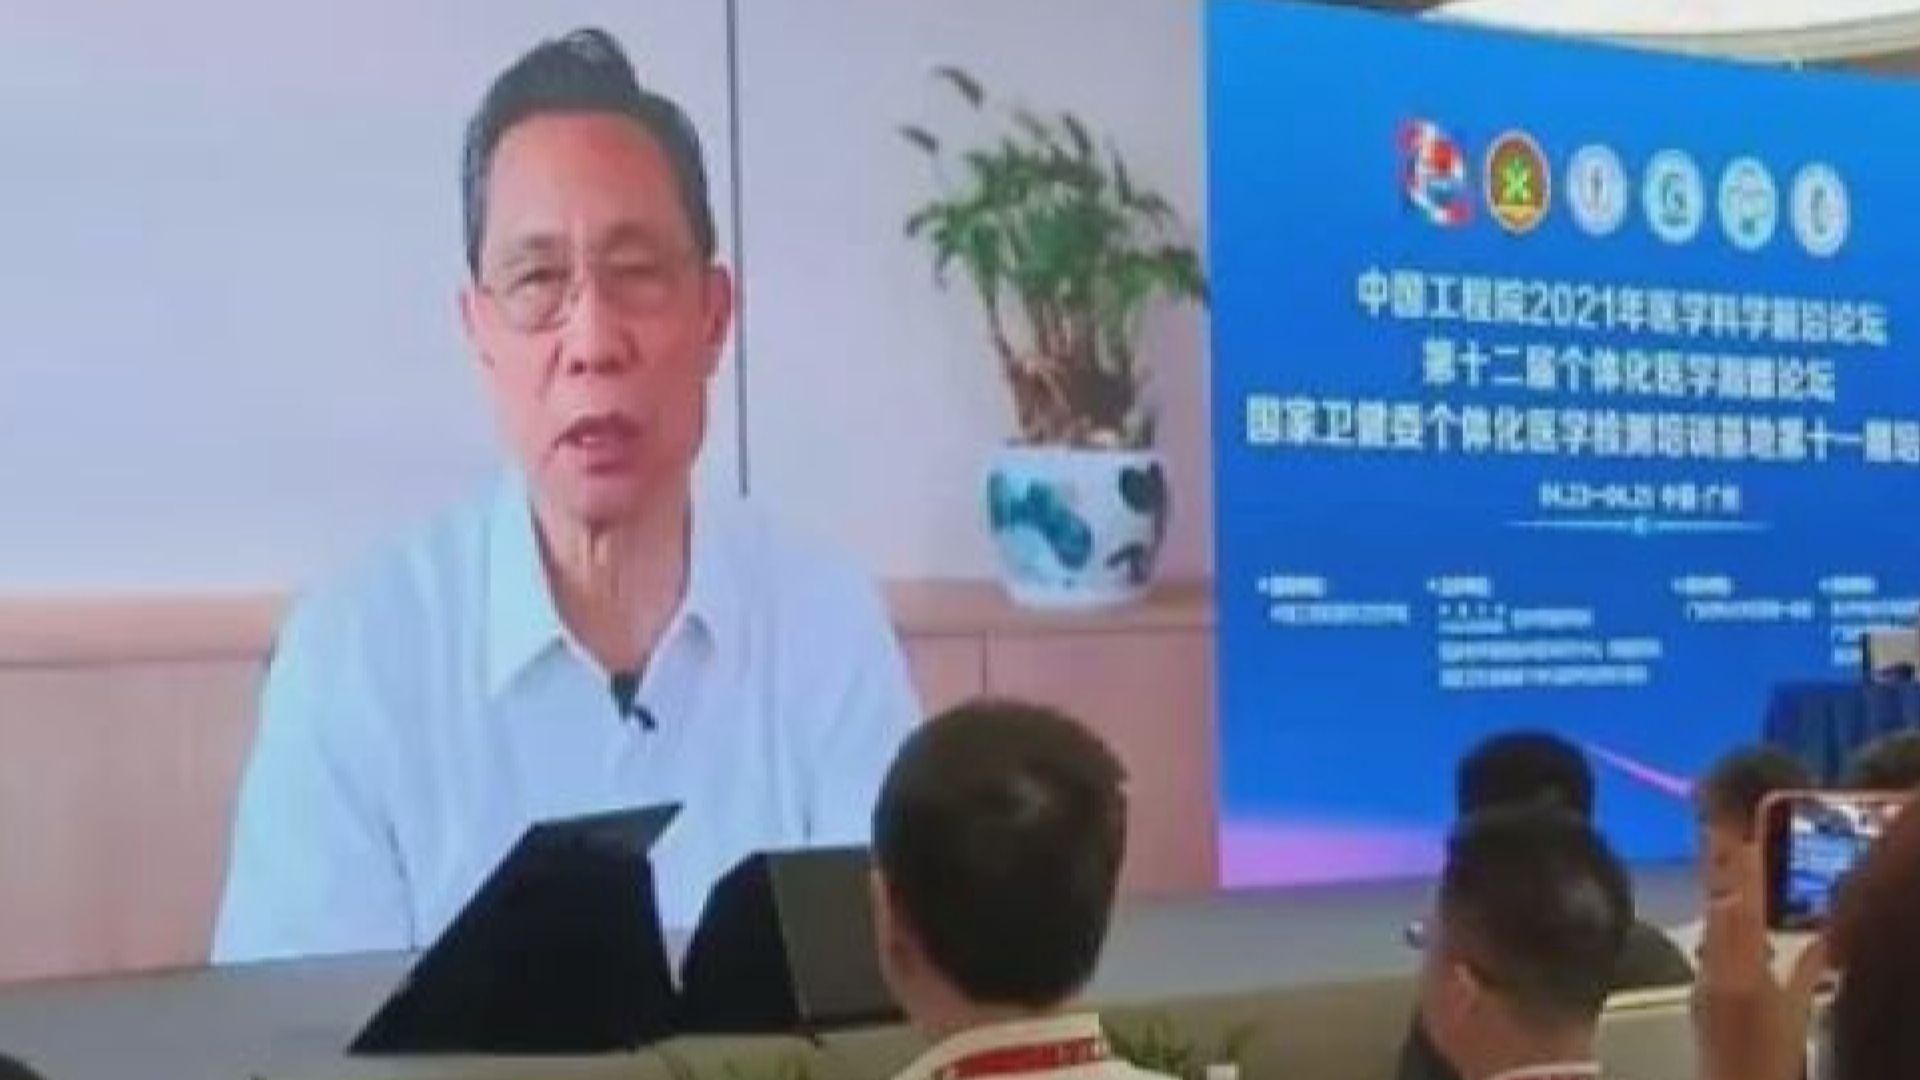 鍾南山:正全力研發針對變異毒株的新冠疫苗